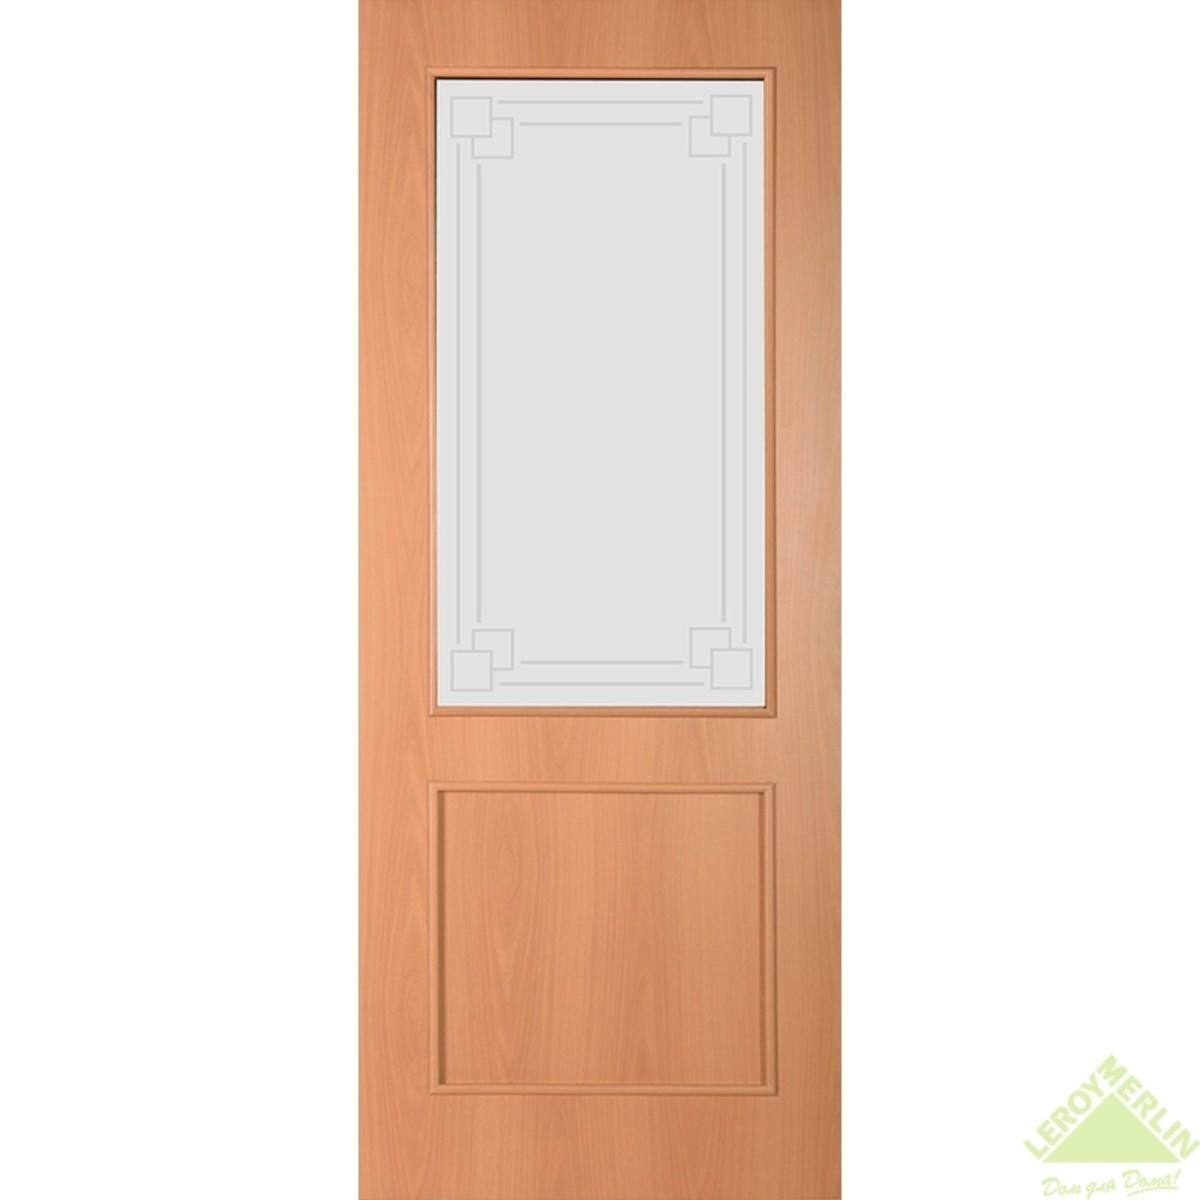 Дверное полотно остеклённое Квадро 800x2000 мм ламинация миланский орех